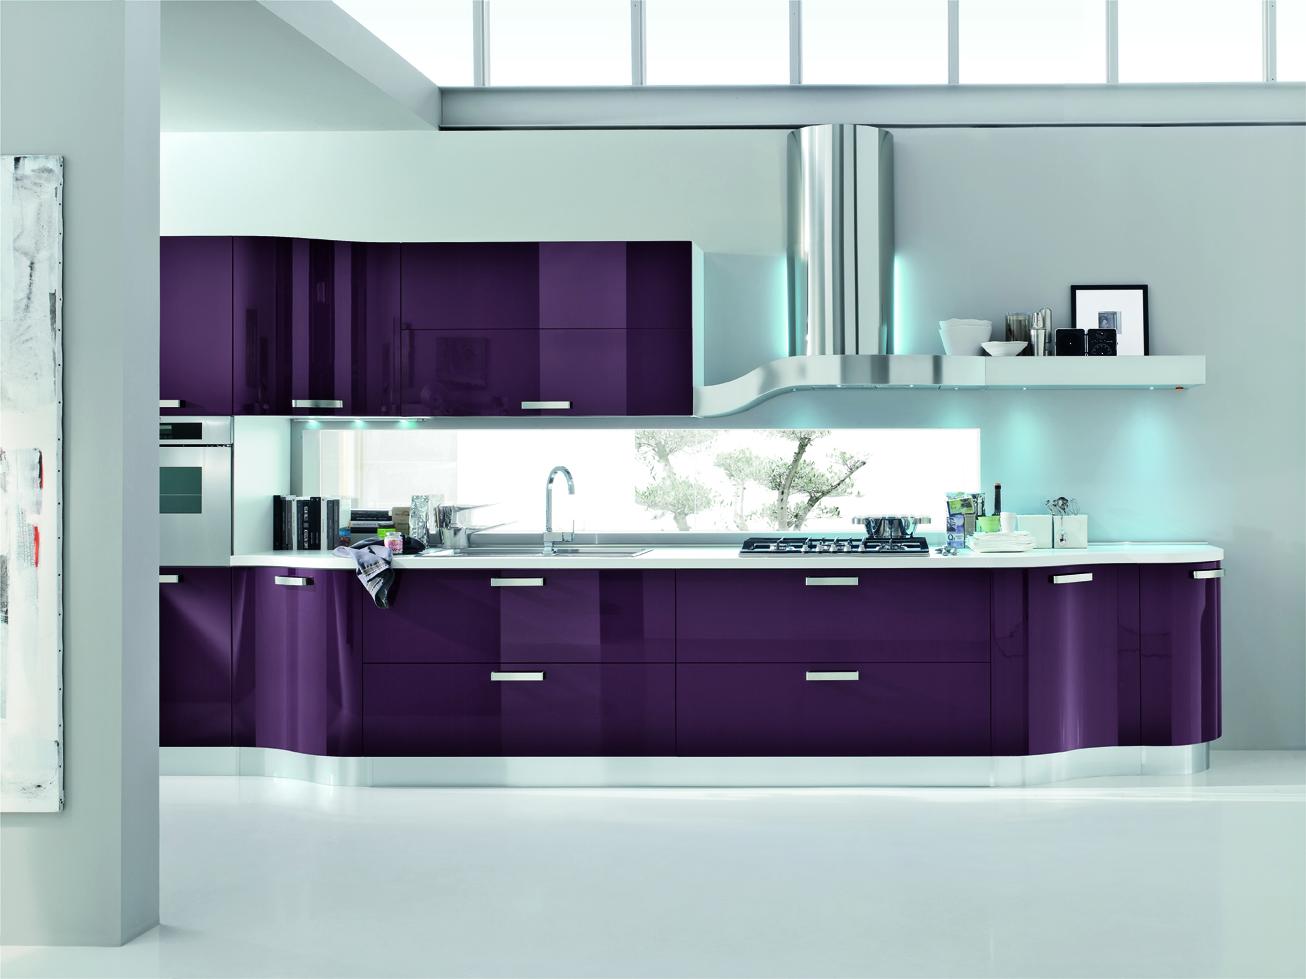 Cucine moderne Gicinque: Cucina moderna Kristal di Gicinque: elegante e raffinata